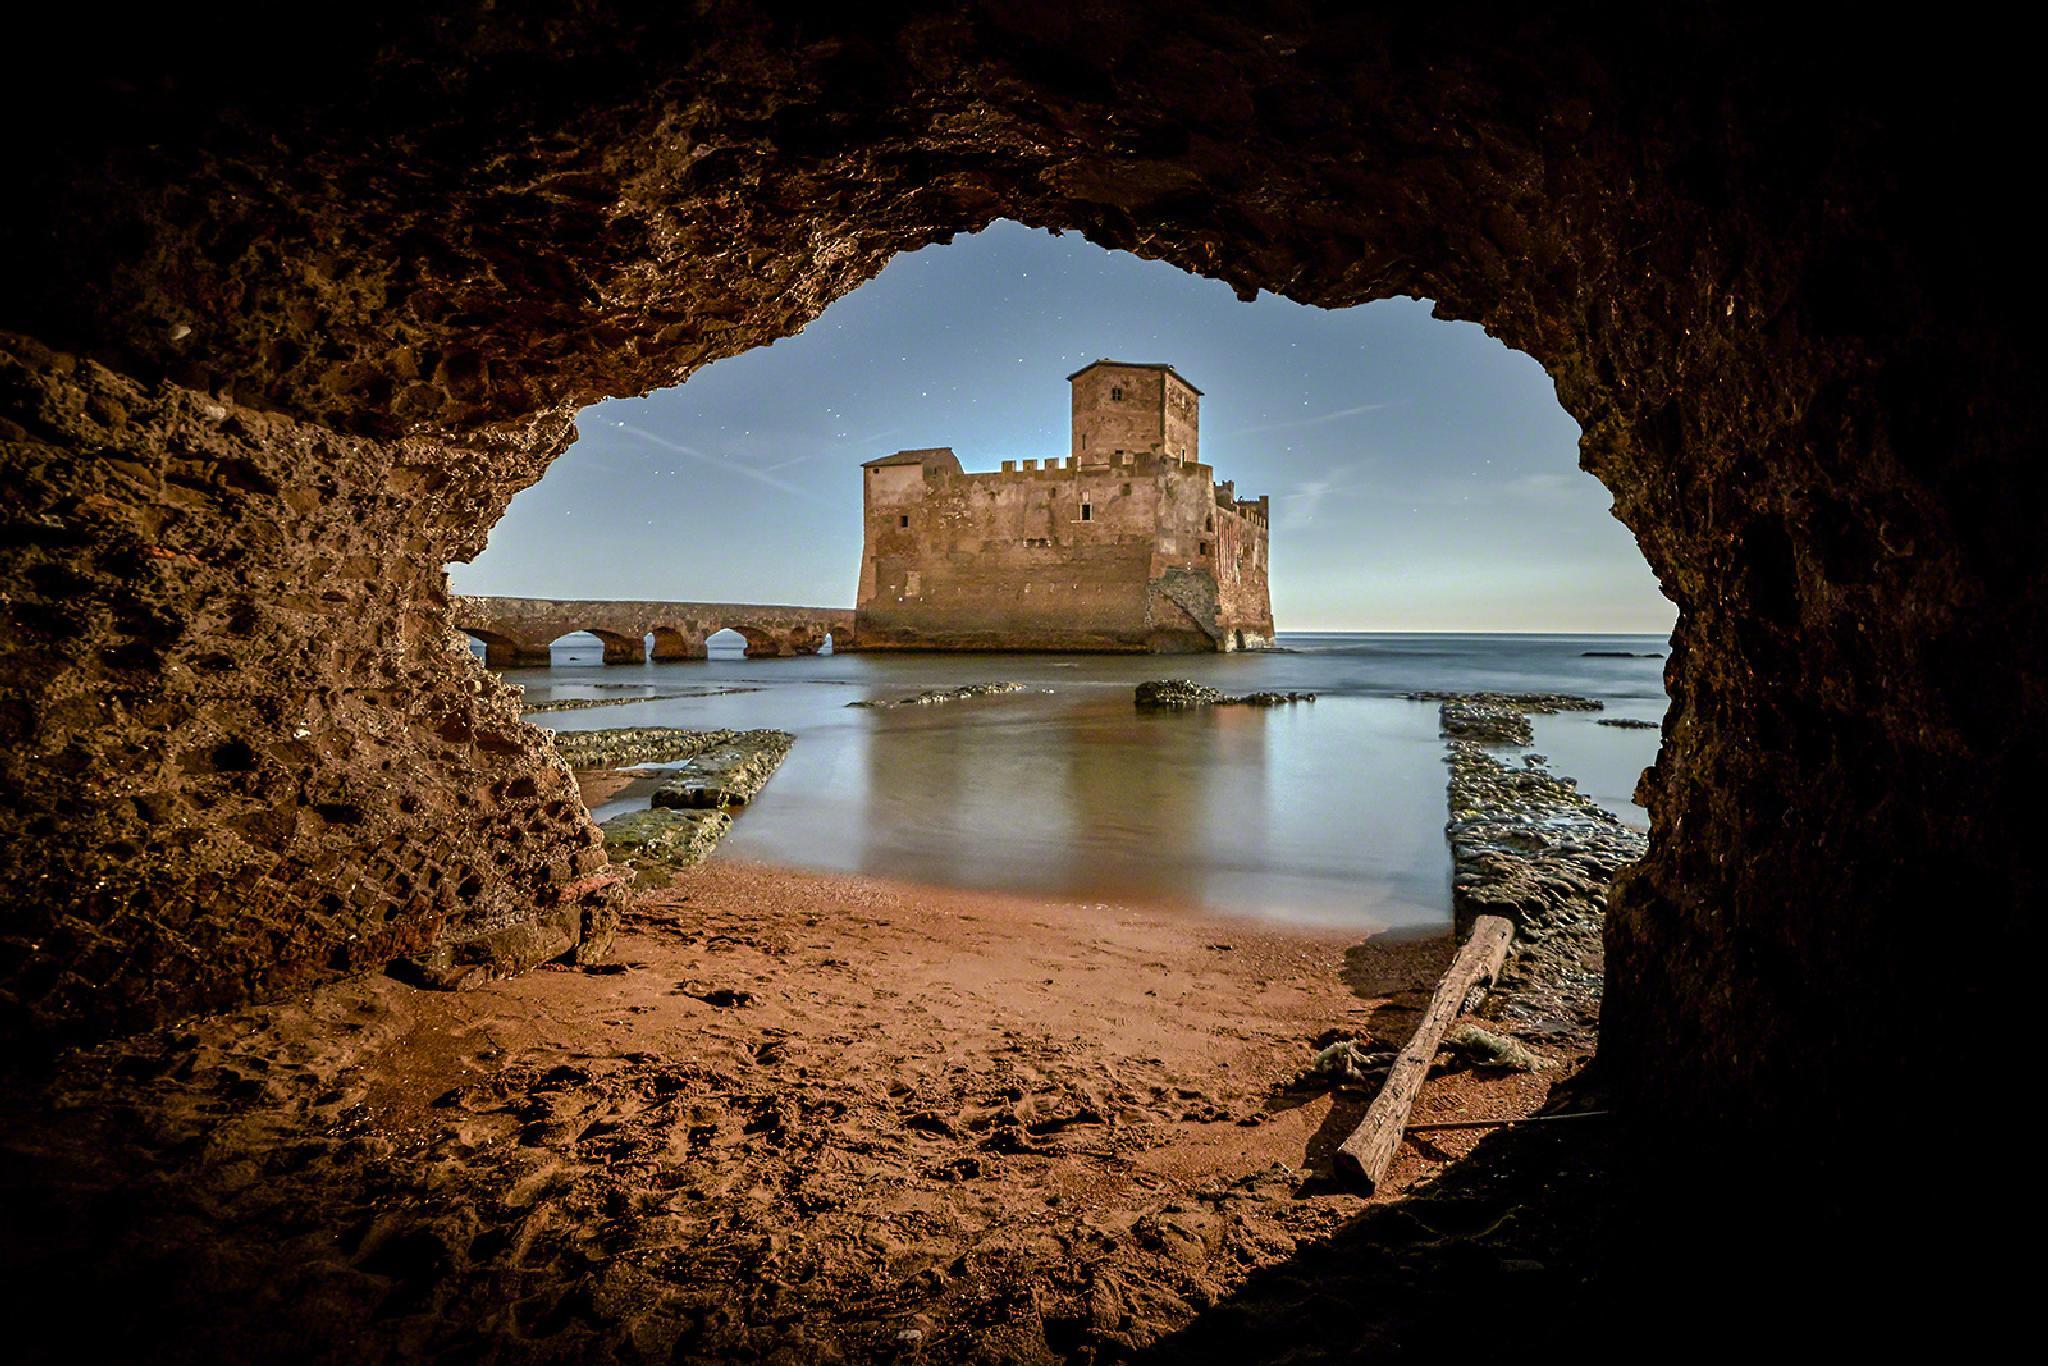 Torre Astura nella Grotta (Nettuno) by maurorinaldifotografia